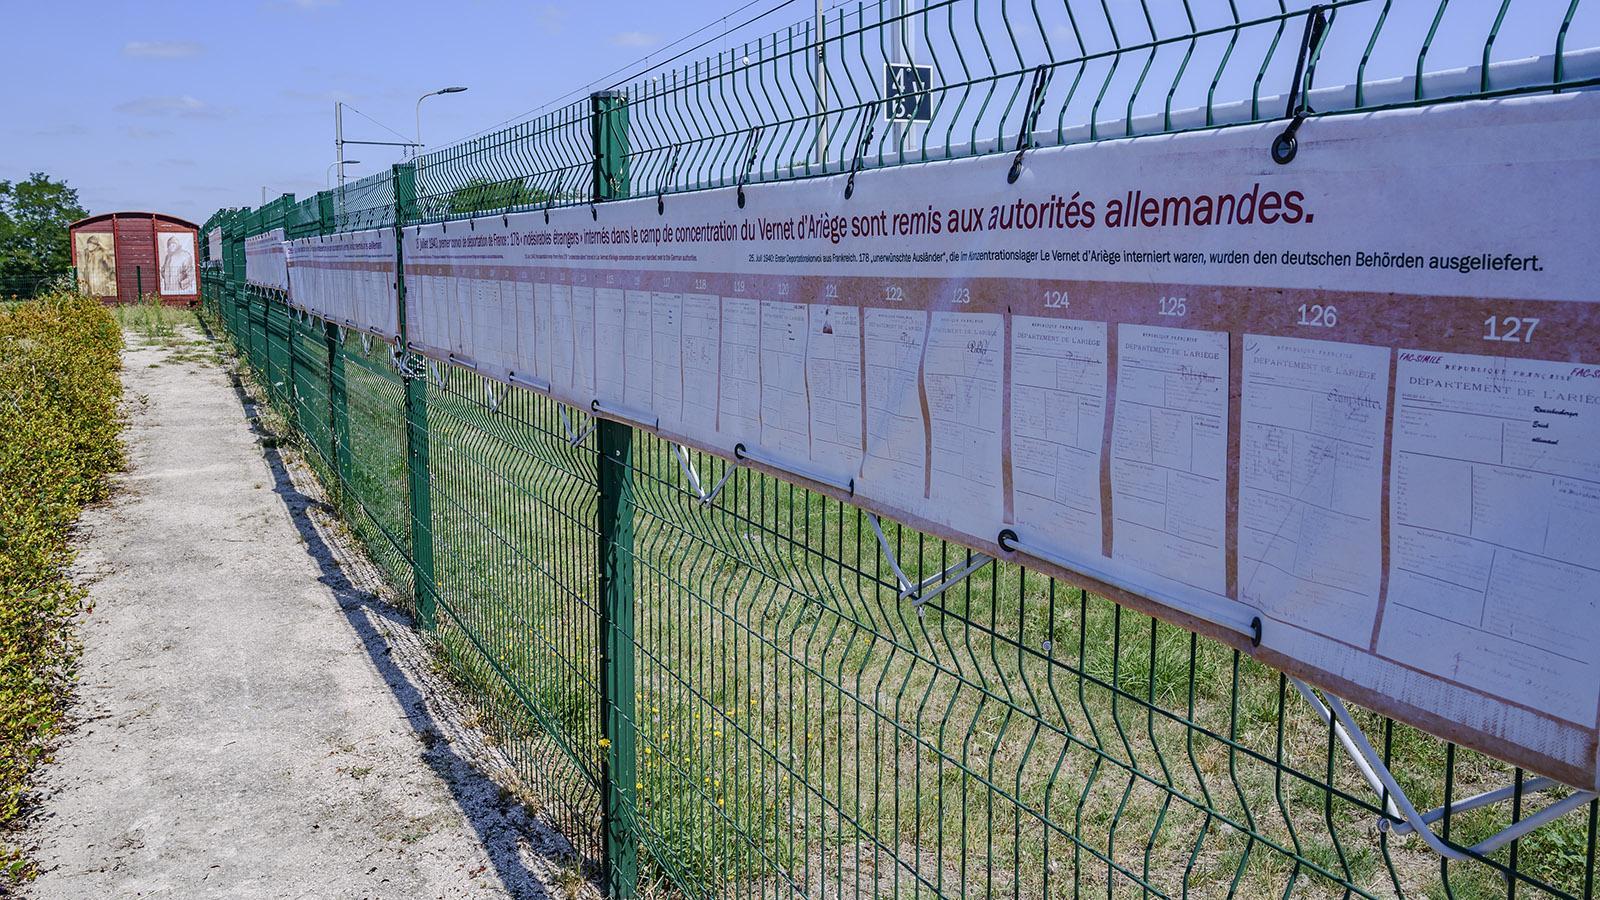 Am Bahnhofszaun aufgelistet: 178 Identitätskarten von Deportierten. Foto: Hilke Maunder